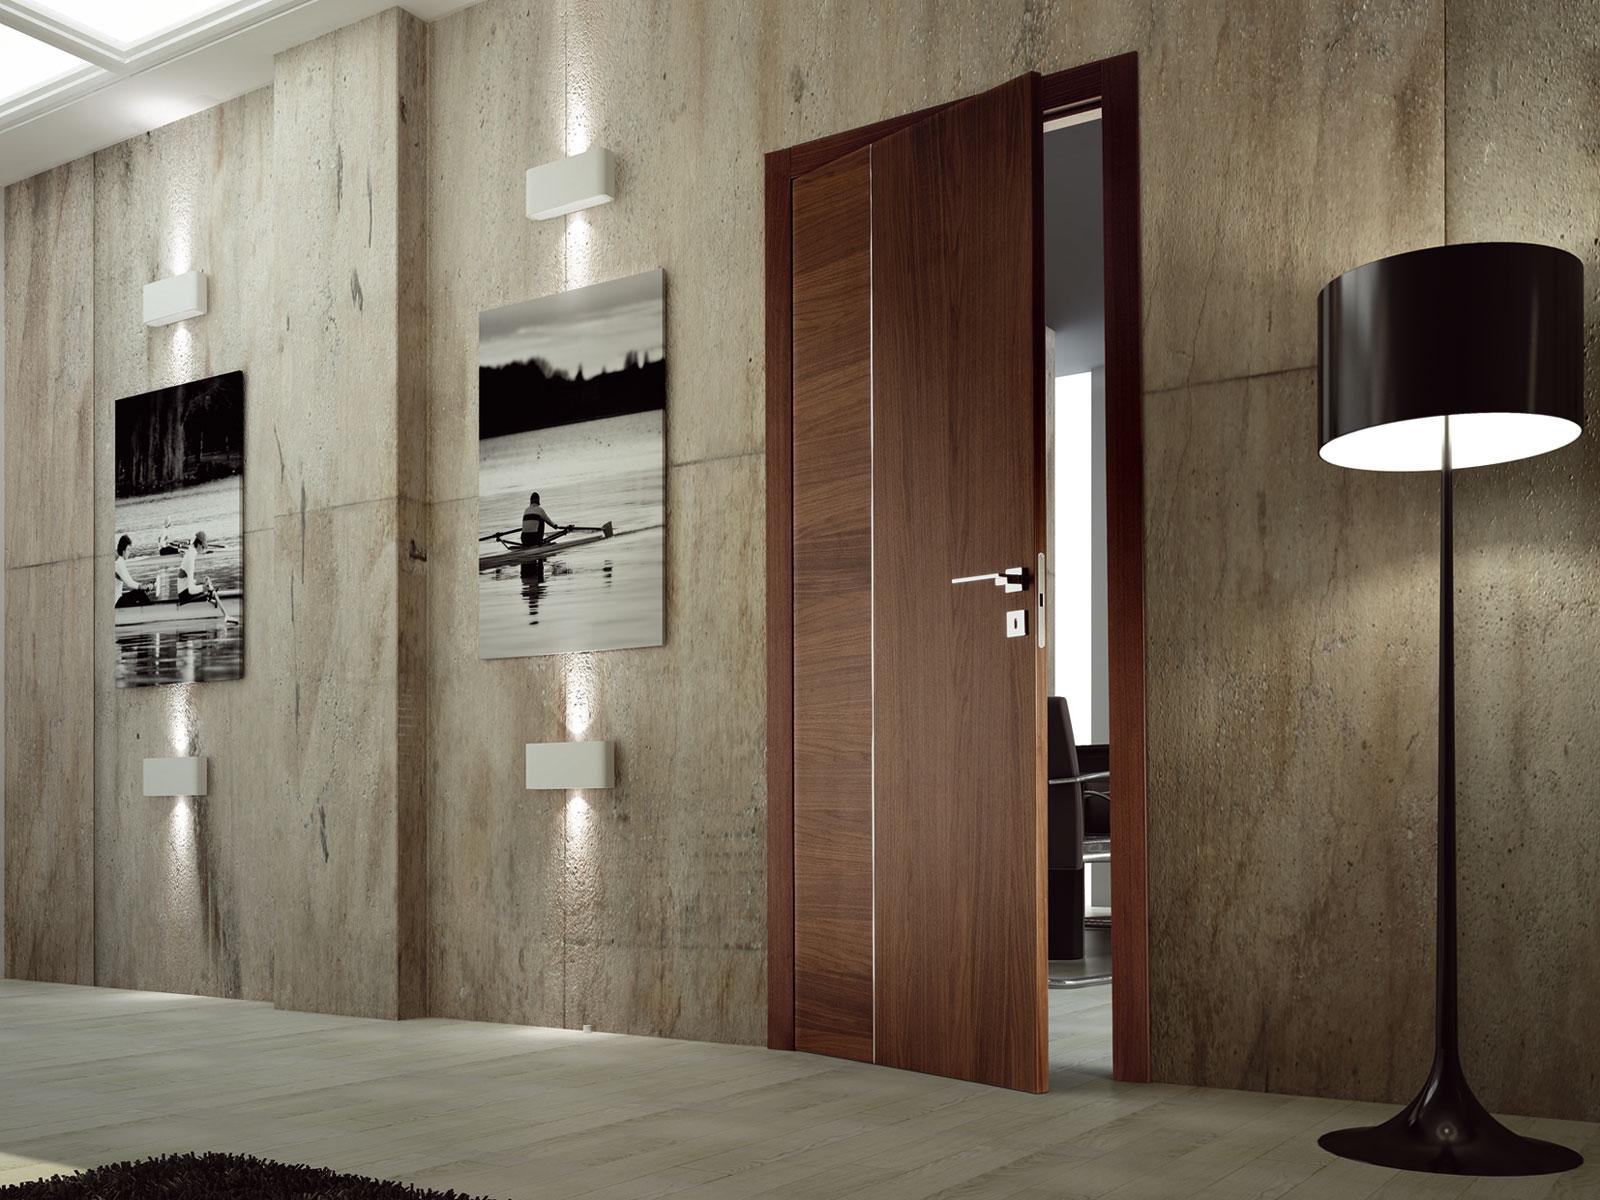 Porte de bois design.jpg